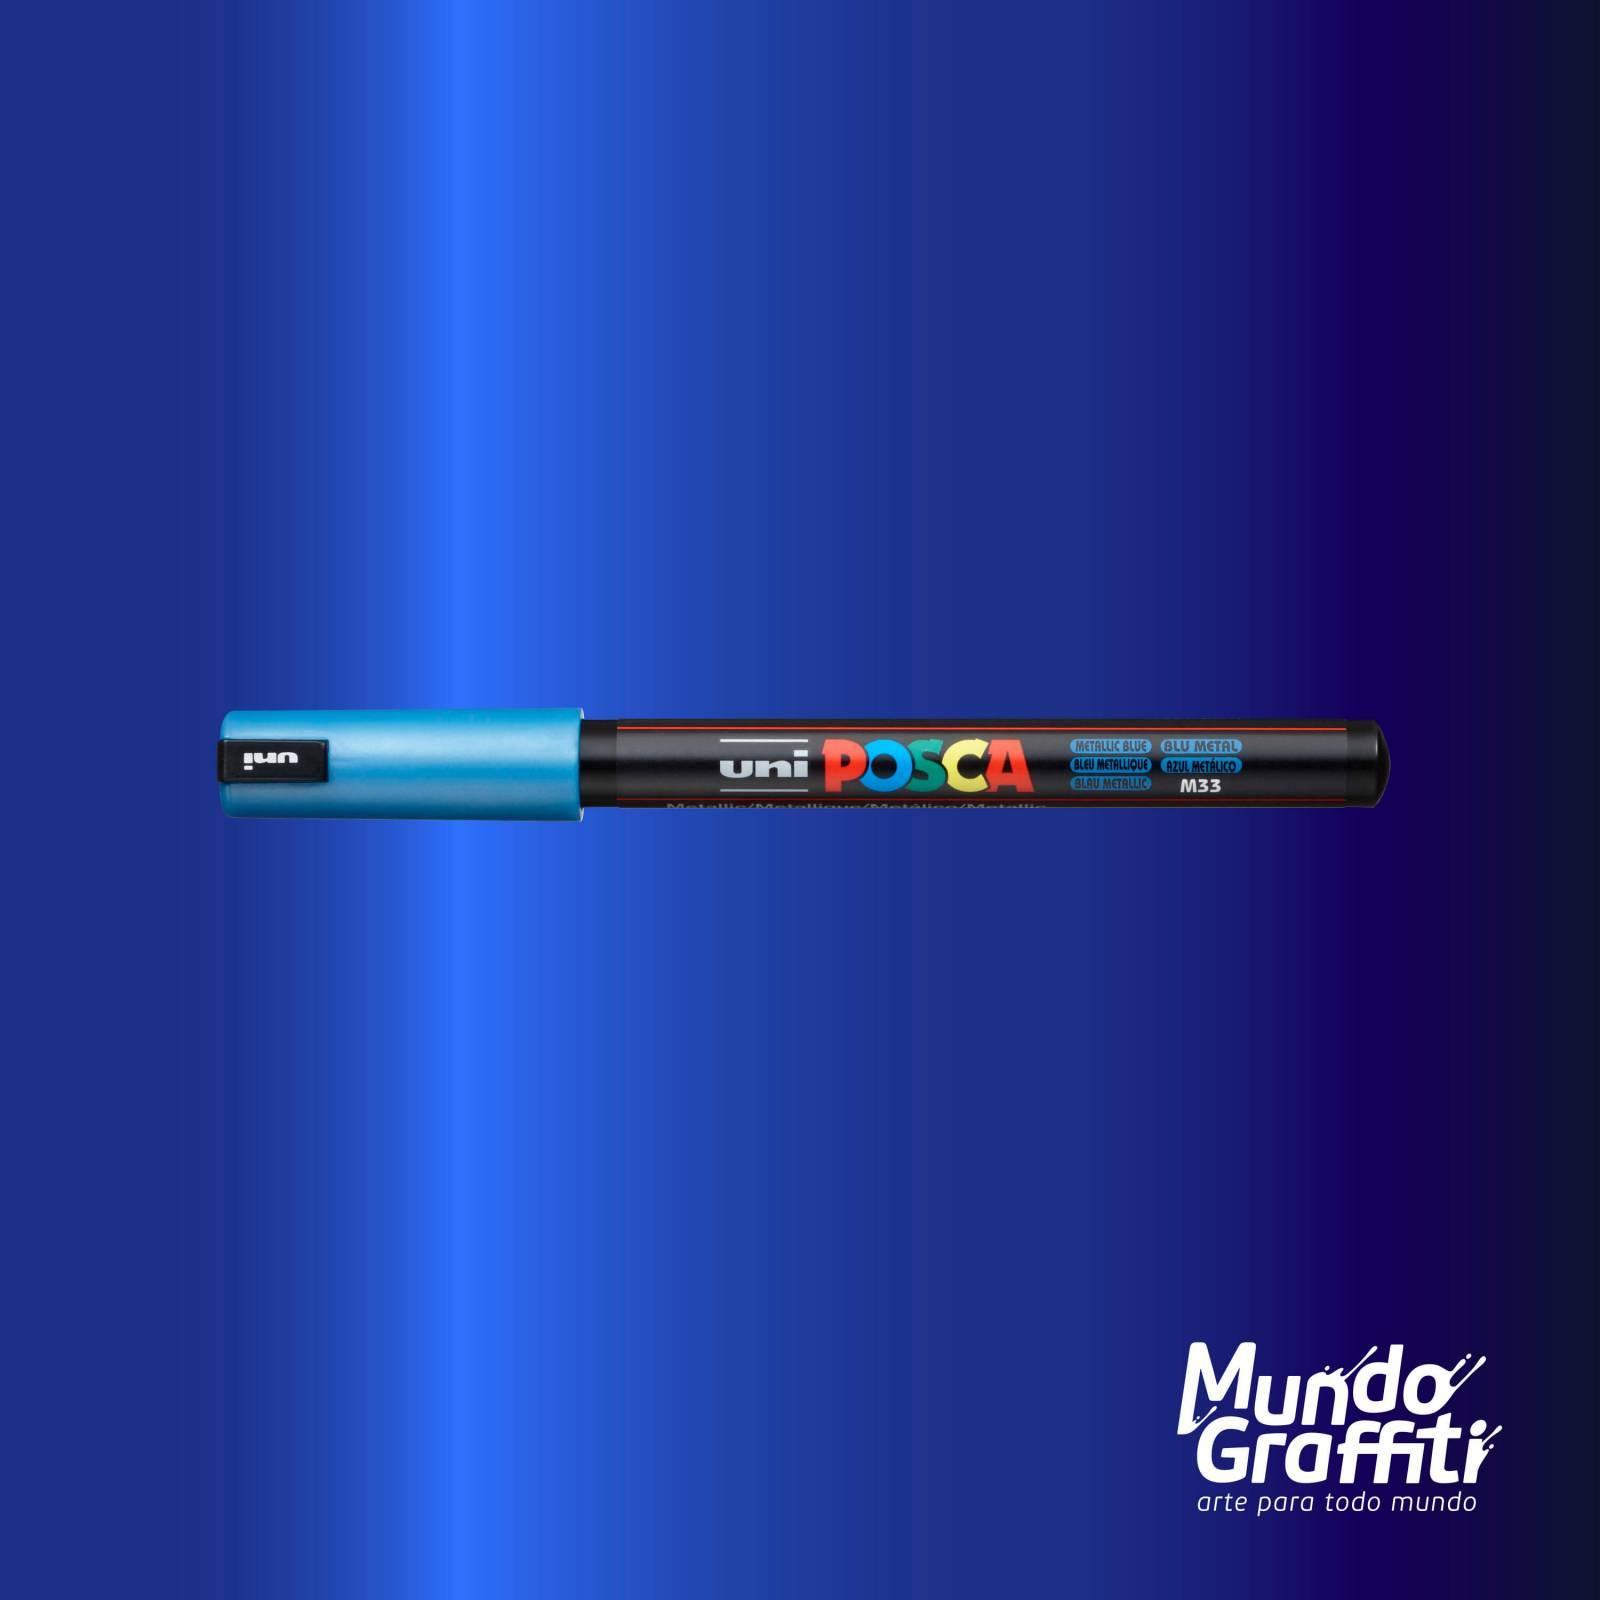 Caneta Posca 1MR Azul Metálico - Mundo Graffiti